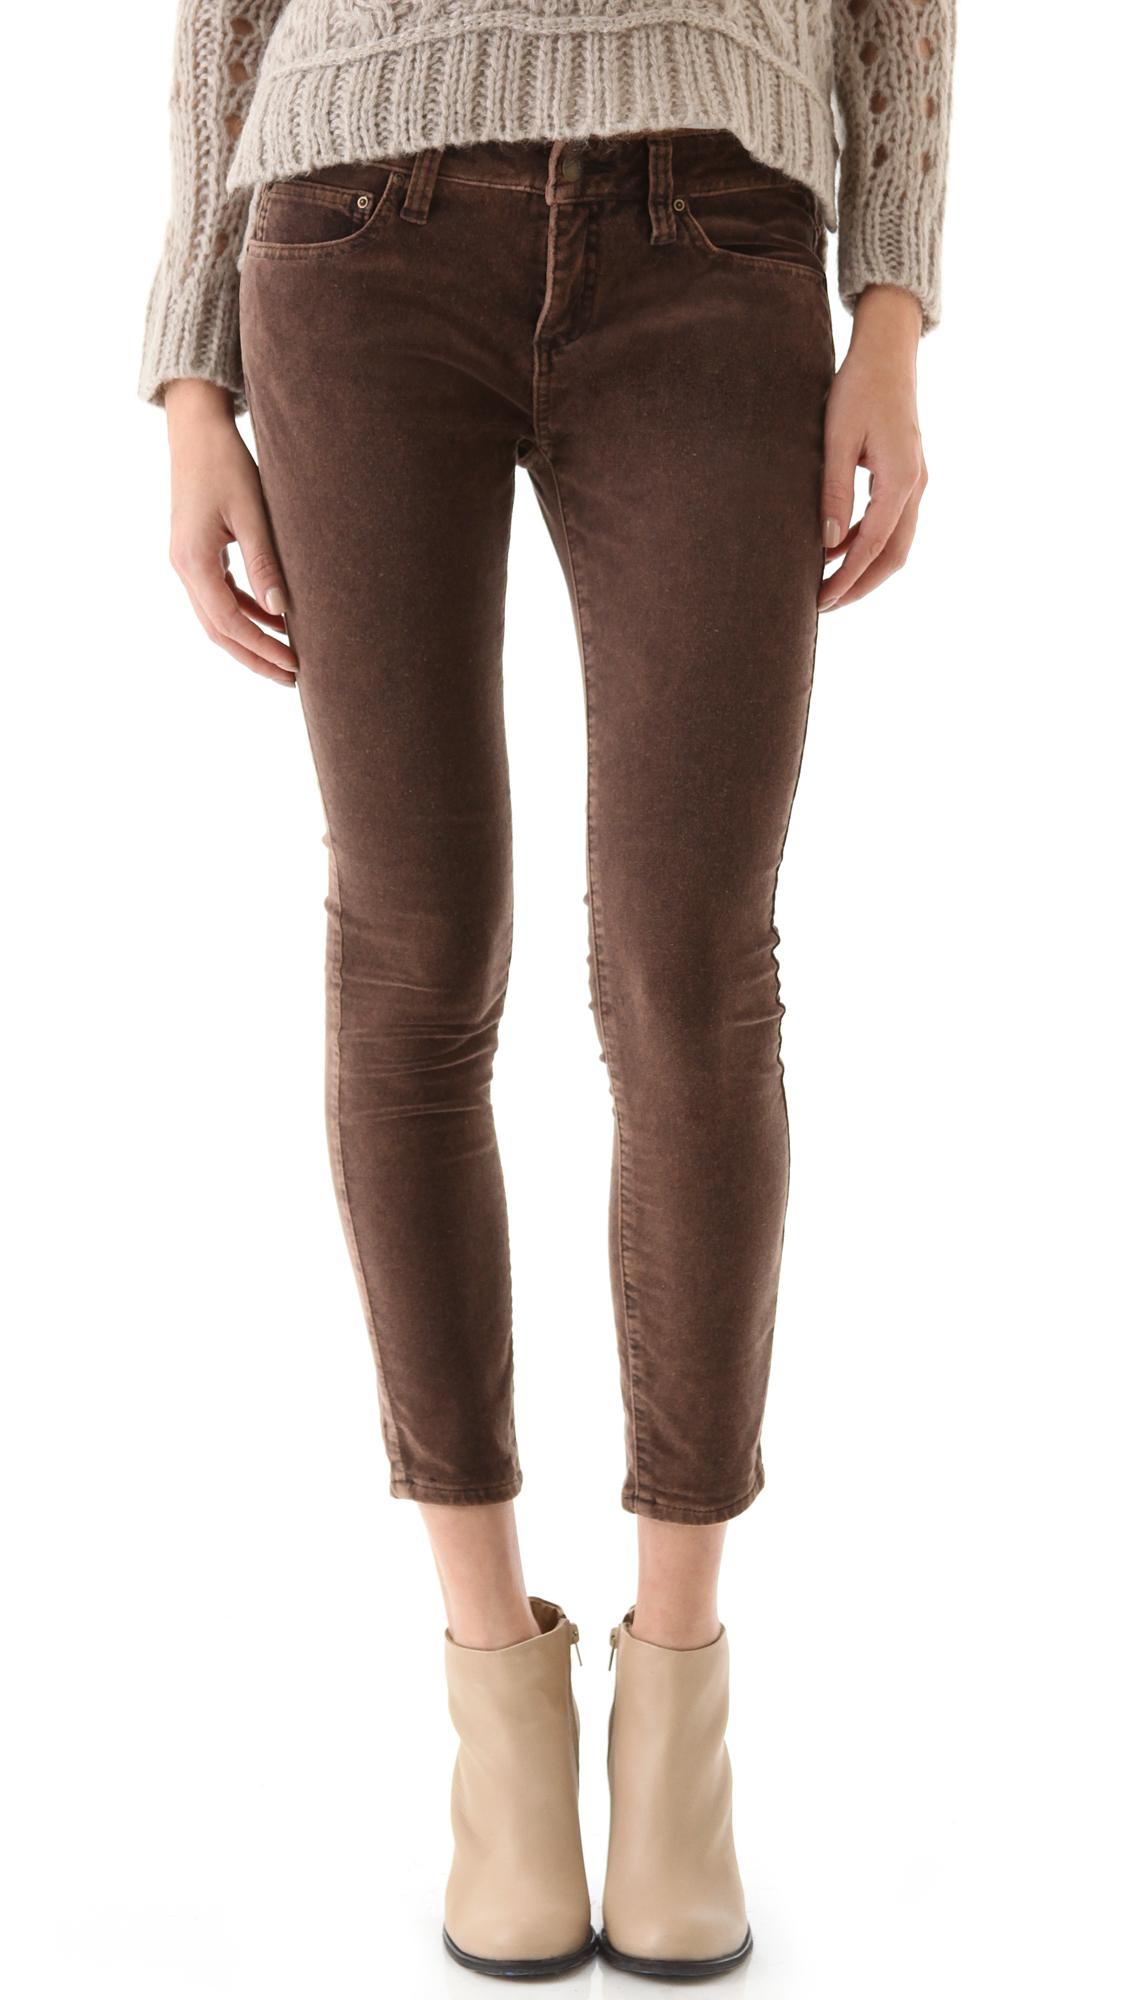 Free people brown velvet skinny pants